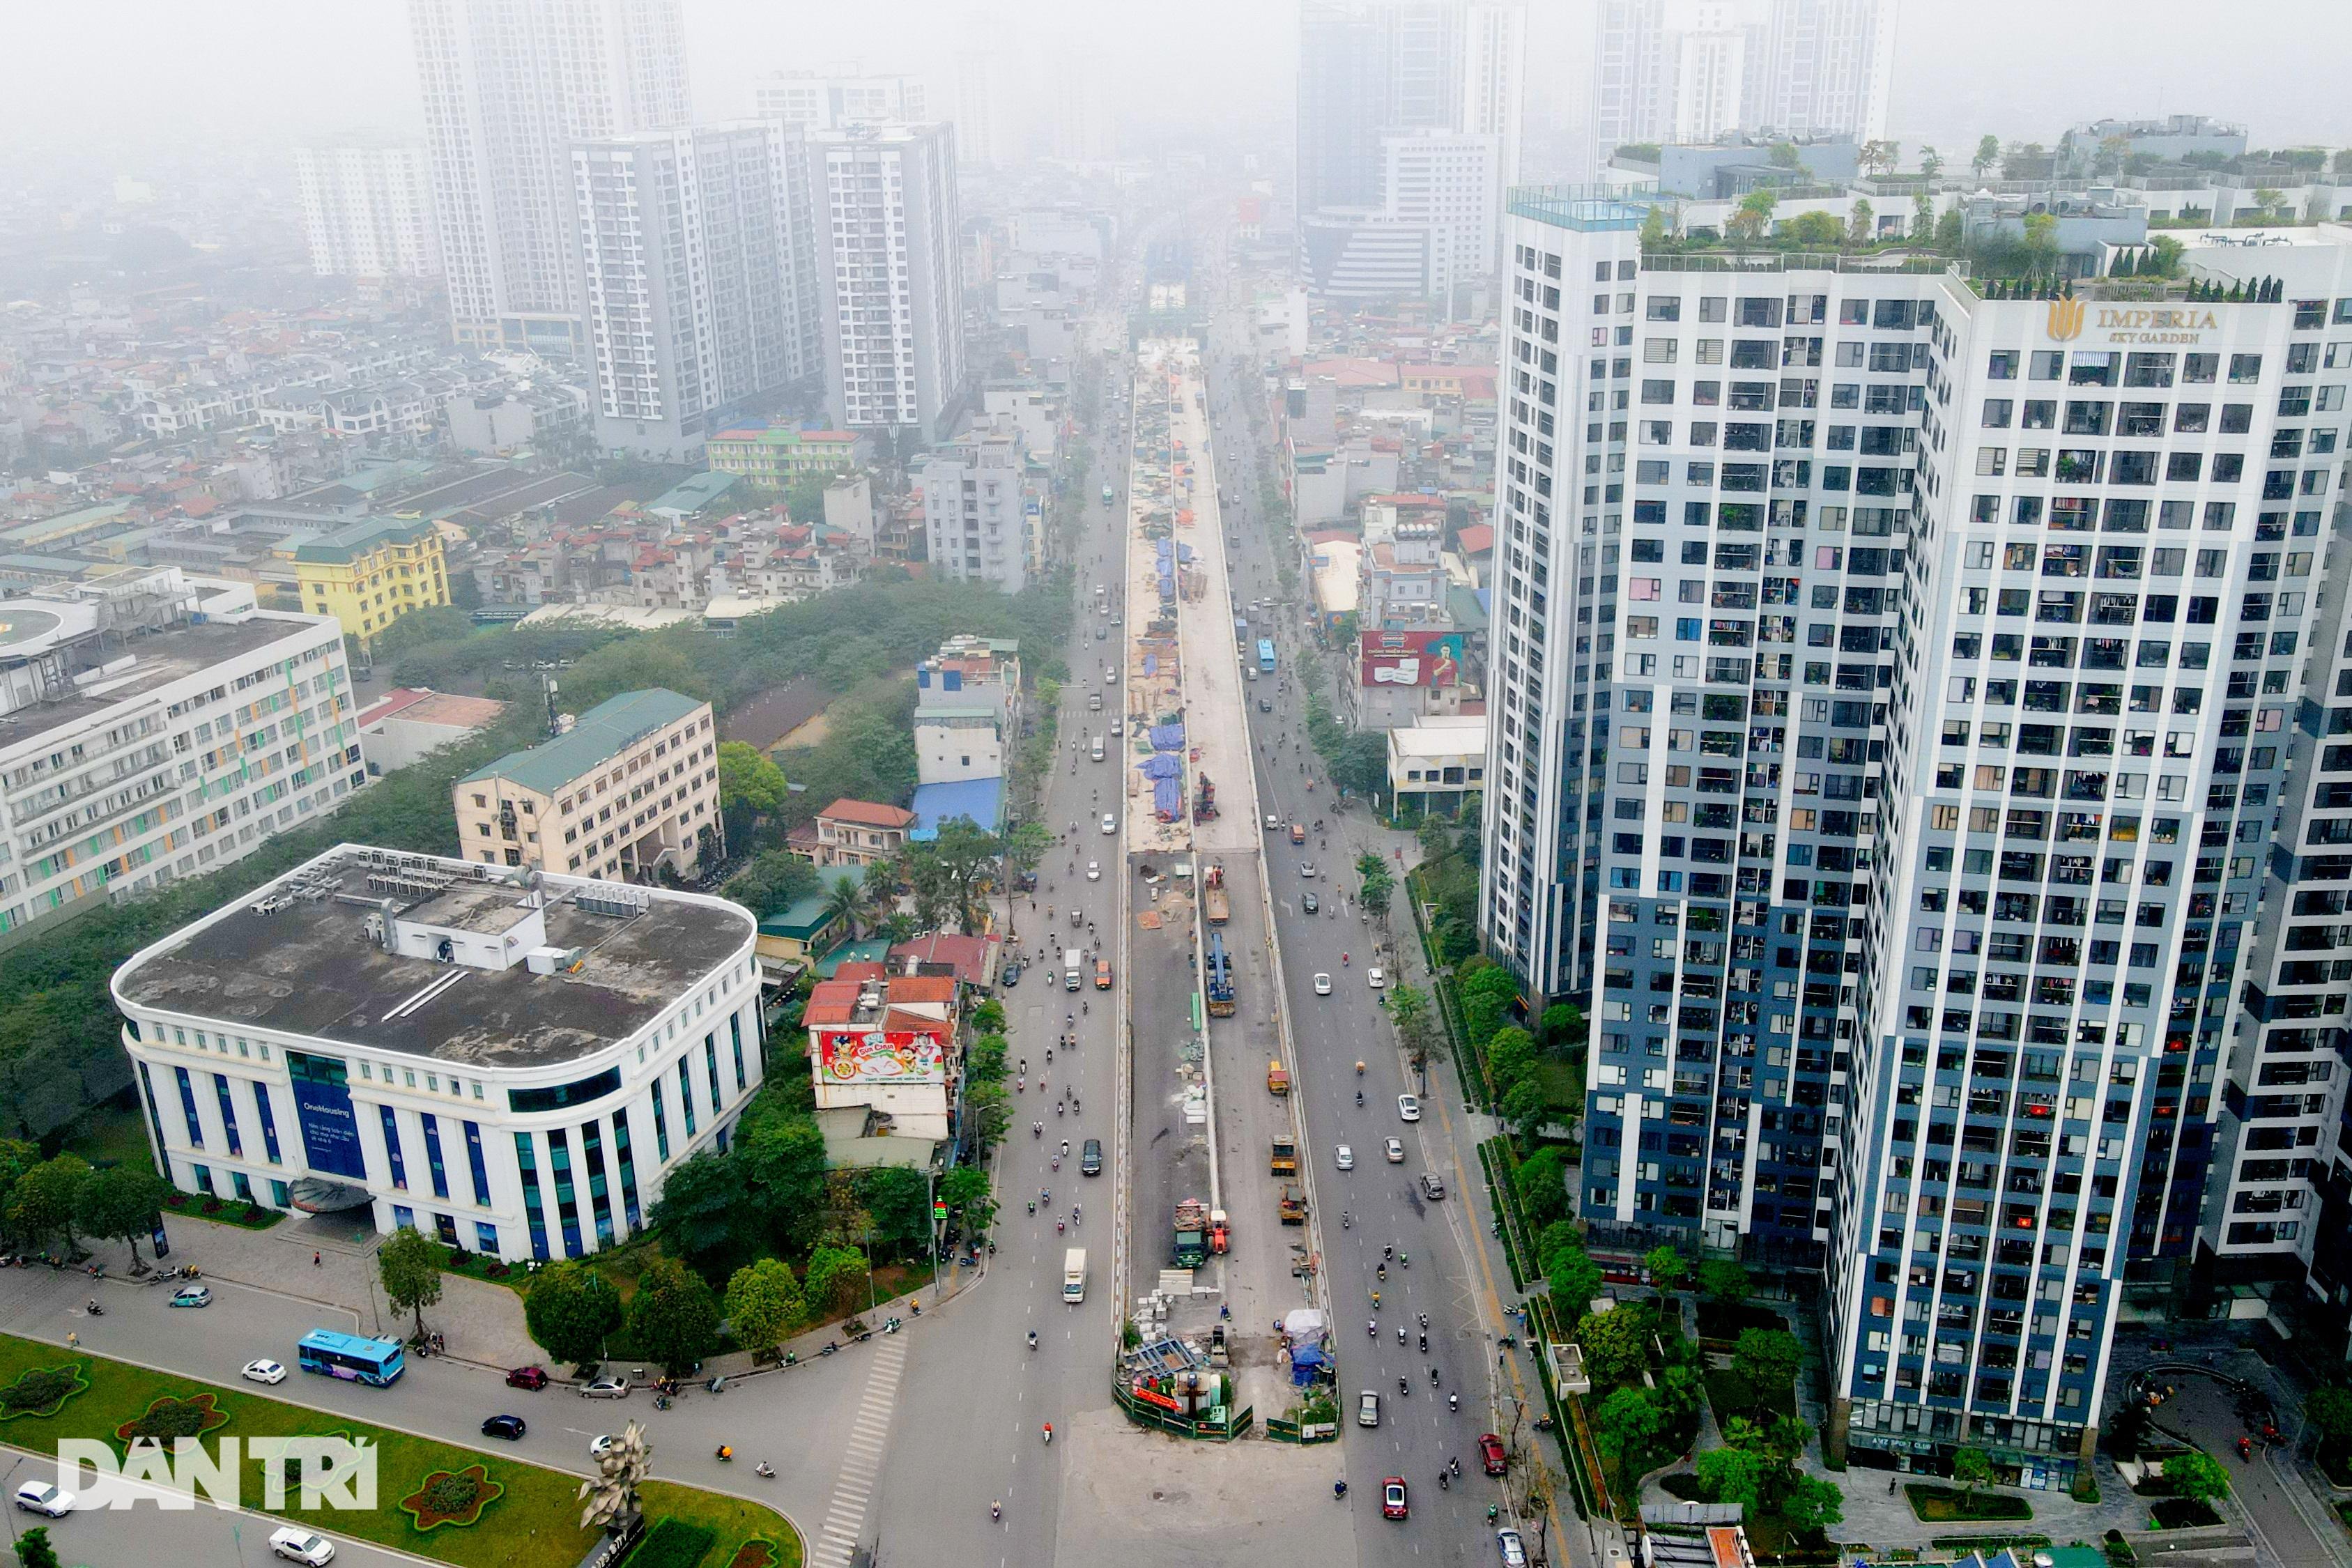 Cận cảnh đại công trường xây dựng đường vành đai 2 gần 10.000 tỷ đồng - 1